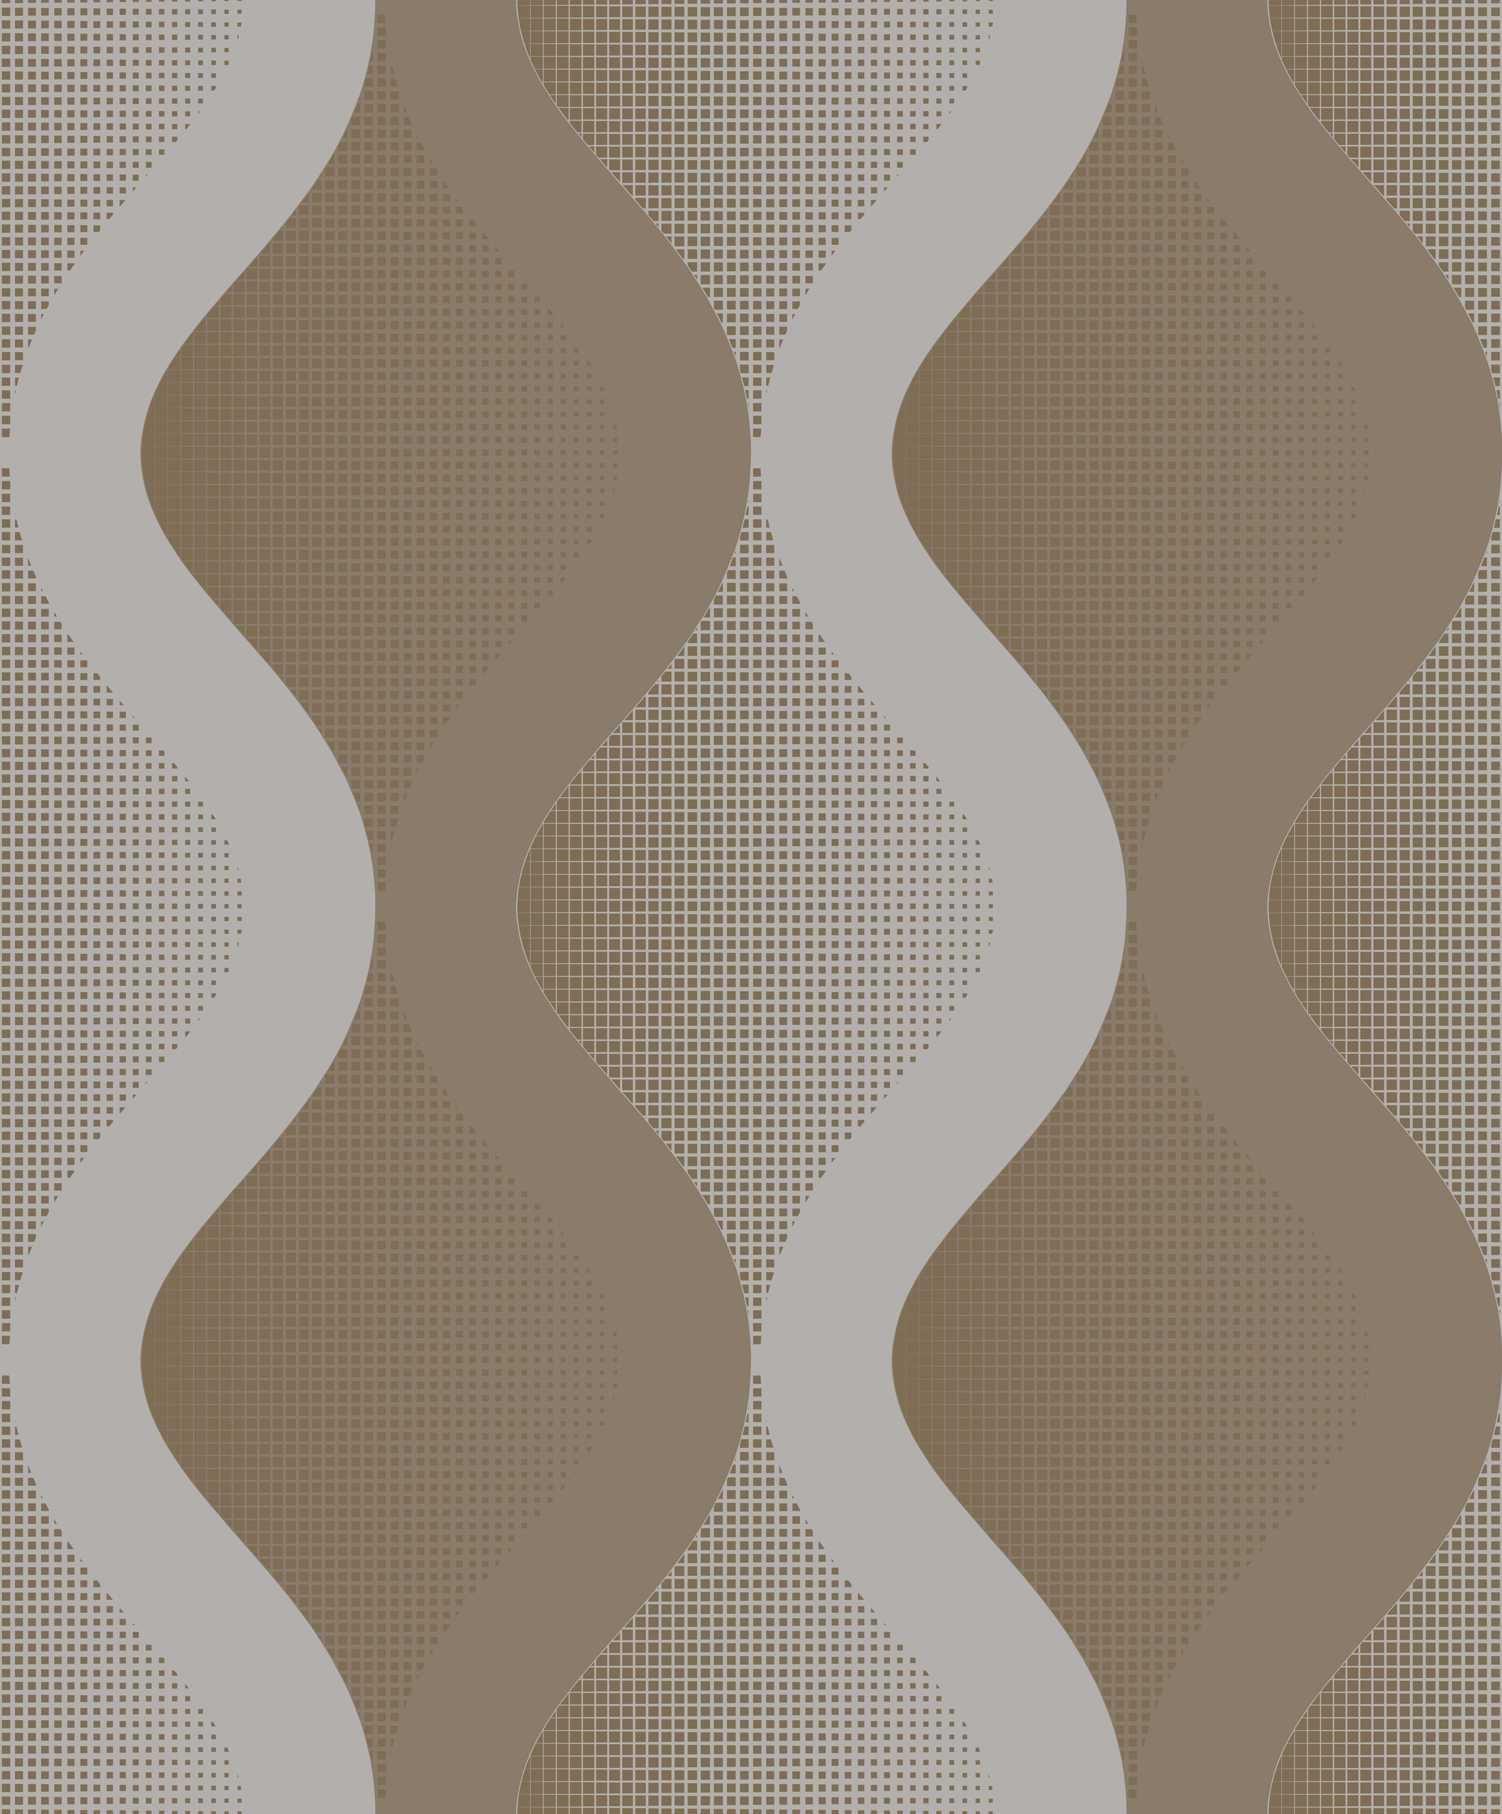 Papel de Parede Kan Tai Vinílico Coleção Neonature 5 Formas Cinza, Marrom, Brilho